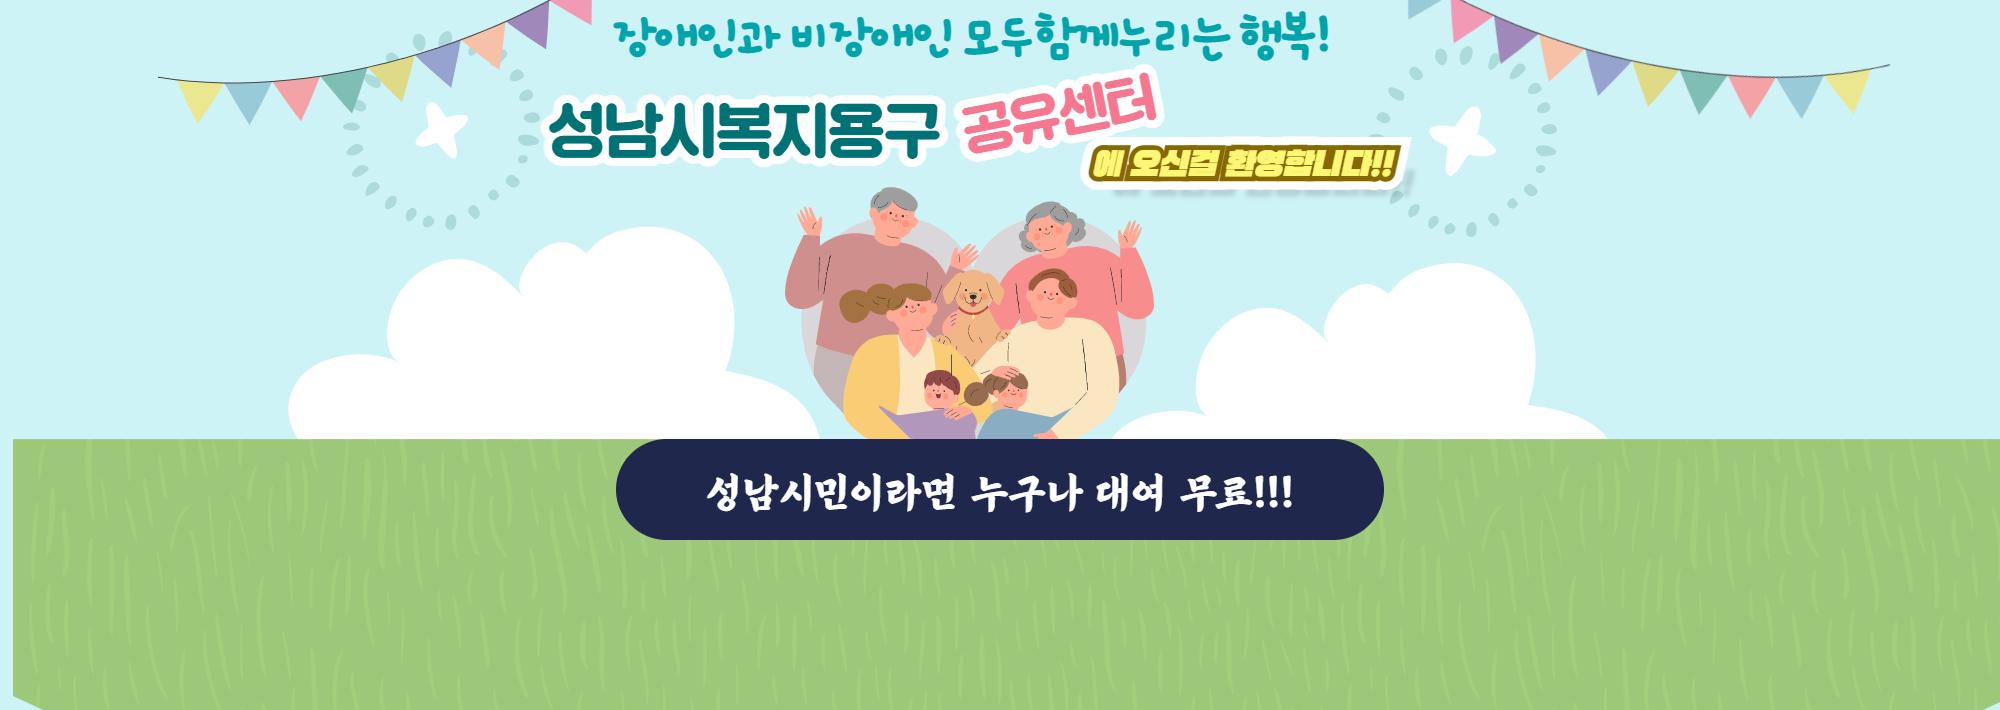 #복지용구공유센터 홍보배너